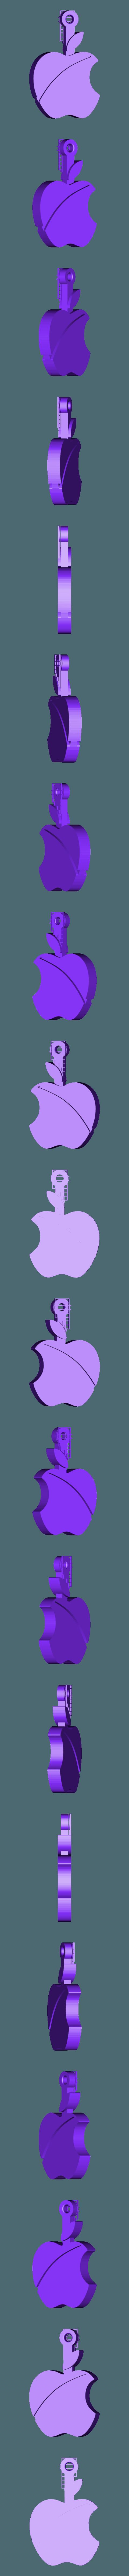 apple_fob.stl Télécharger fichier STL gratuit Porte-clés pomme.... Le must have'Apple Logo' en forme de porte-clés pour Apple / iPhone / iPhone / iPad Fans • Design pour imprimante 3D, Muzz64